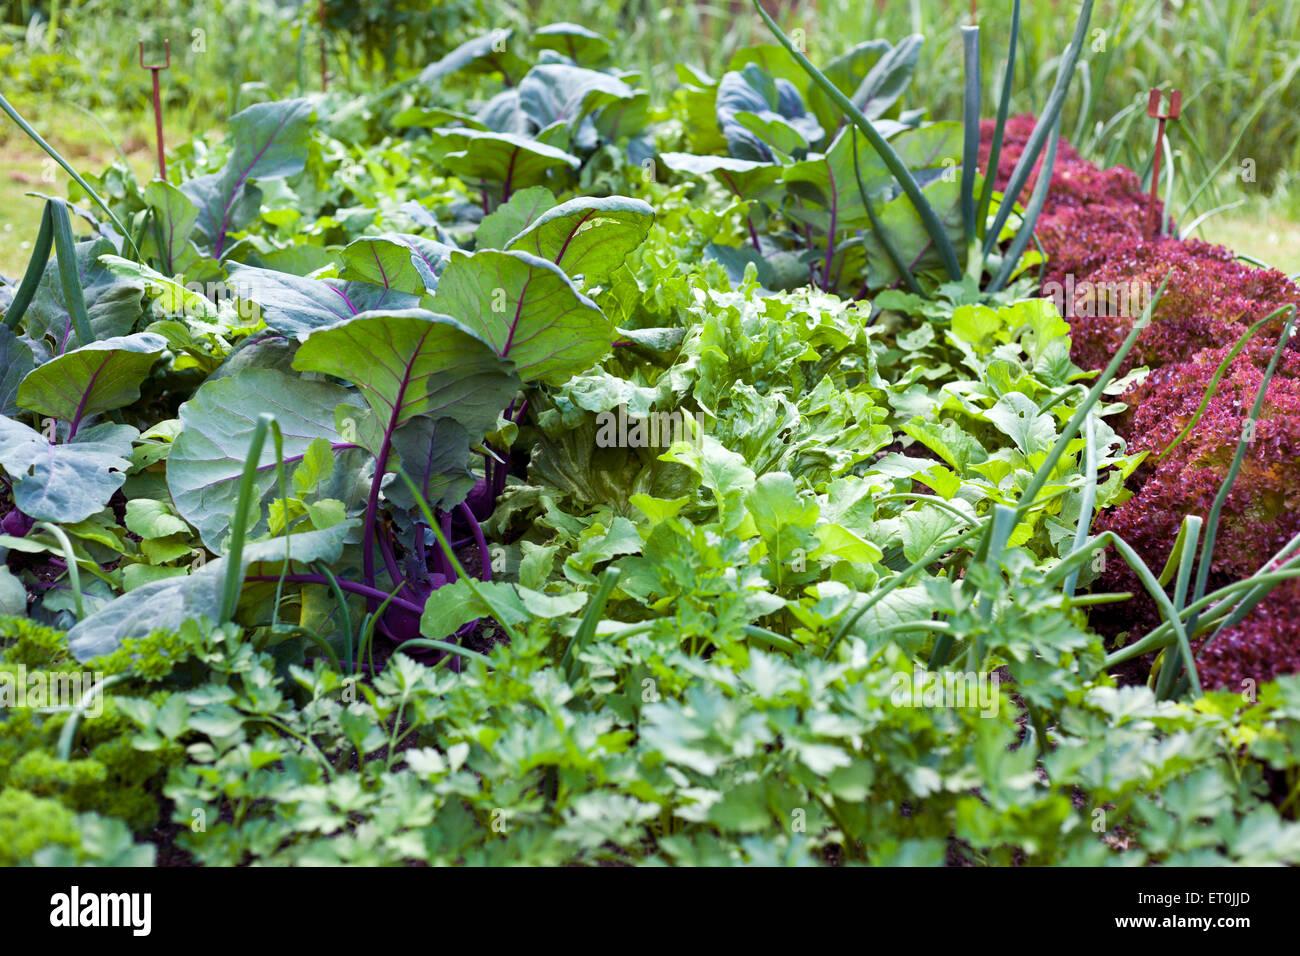 Jardin de légumes de persil, radicchio, laitue, navet, poireau Photo Stock